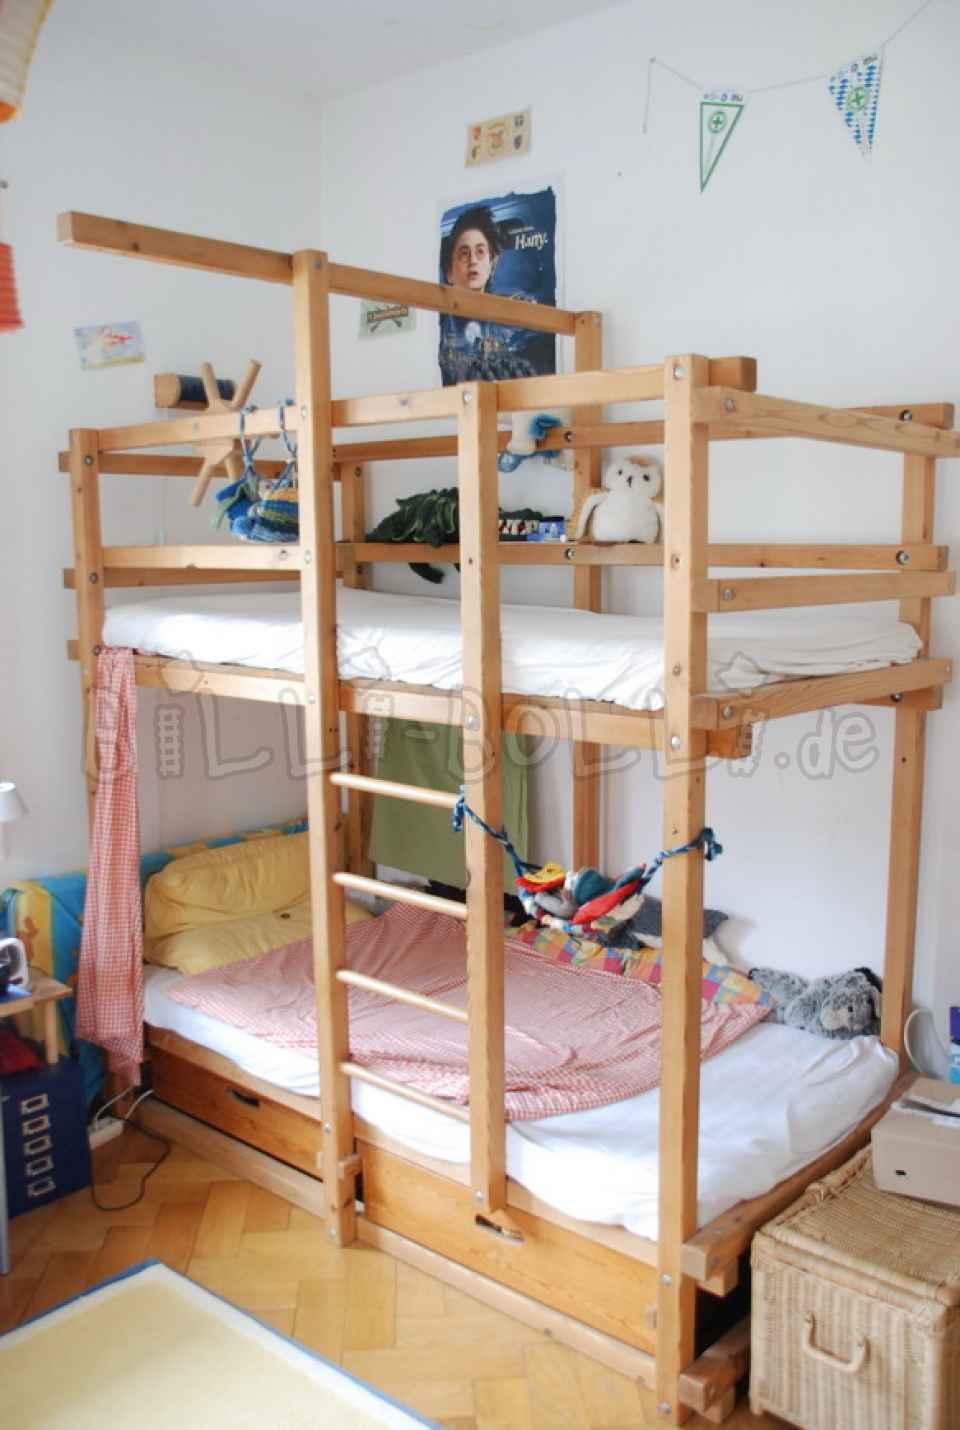 Gullibo-Bett (Kindermöbel gebraucht)